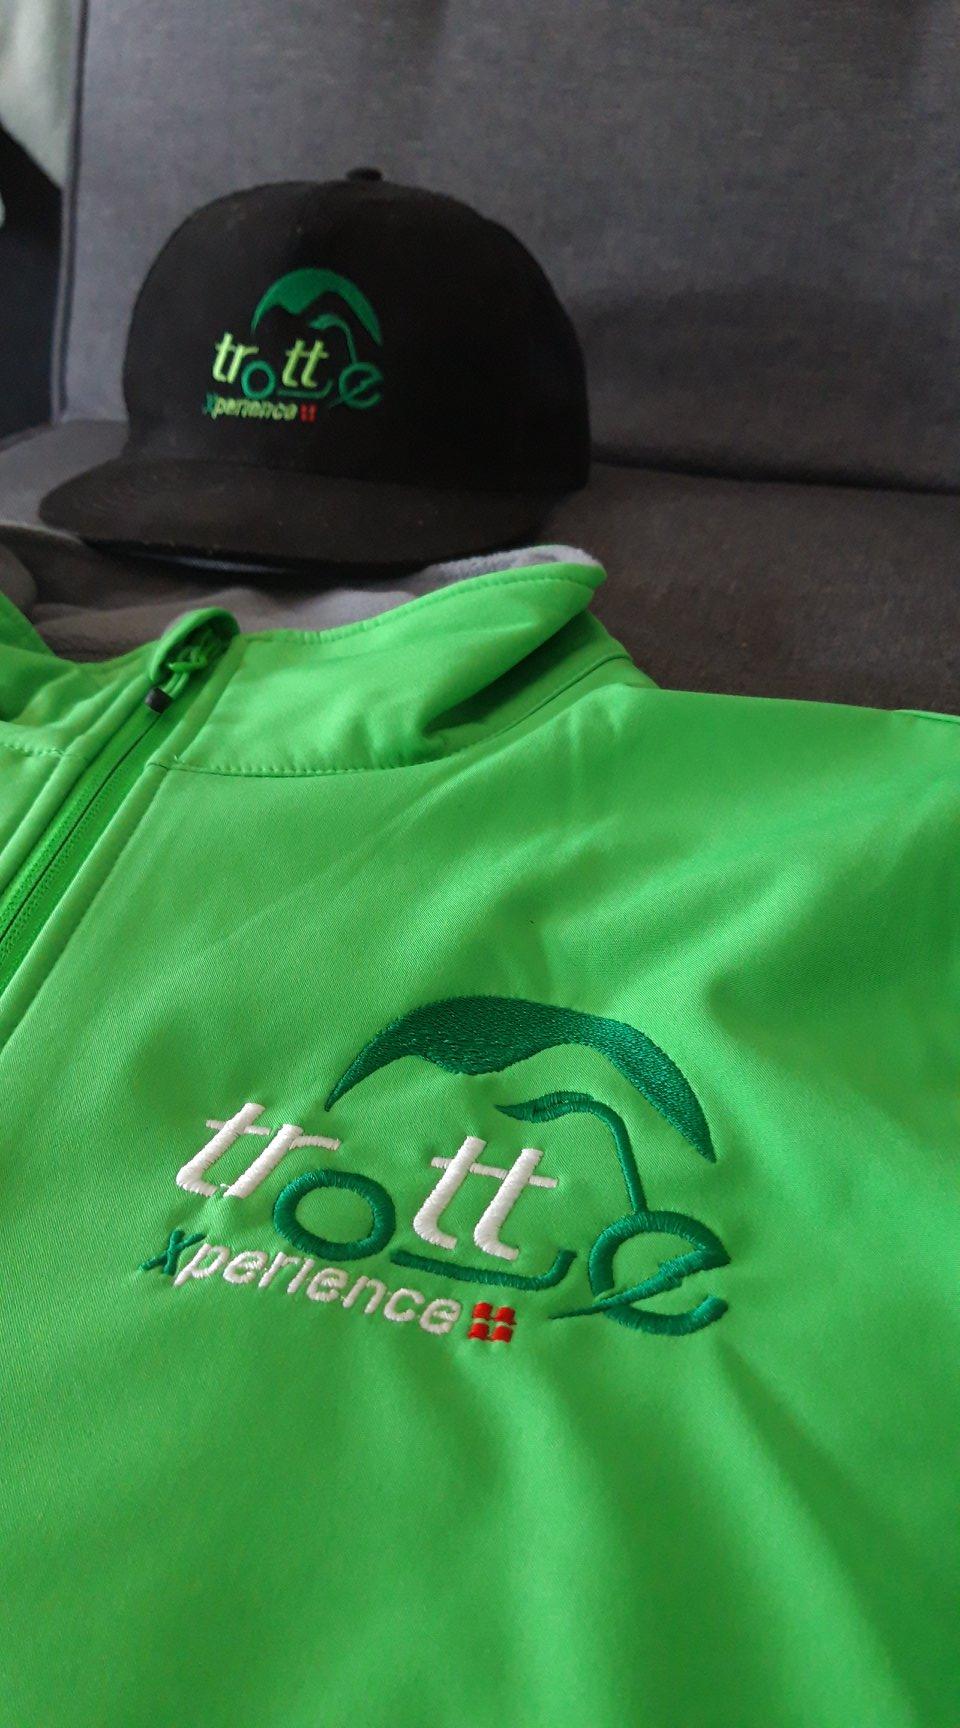 Textile entreprise - broderie Trott | NC Distribution